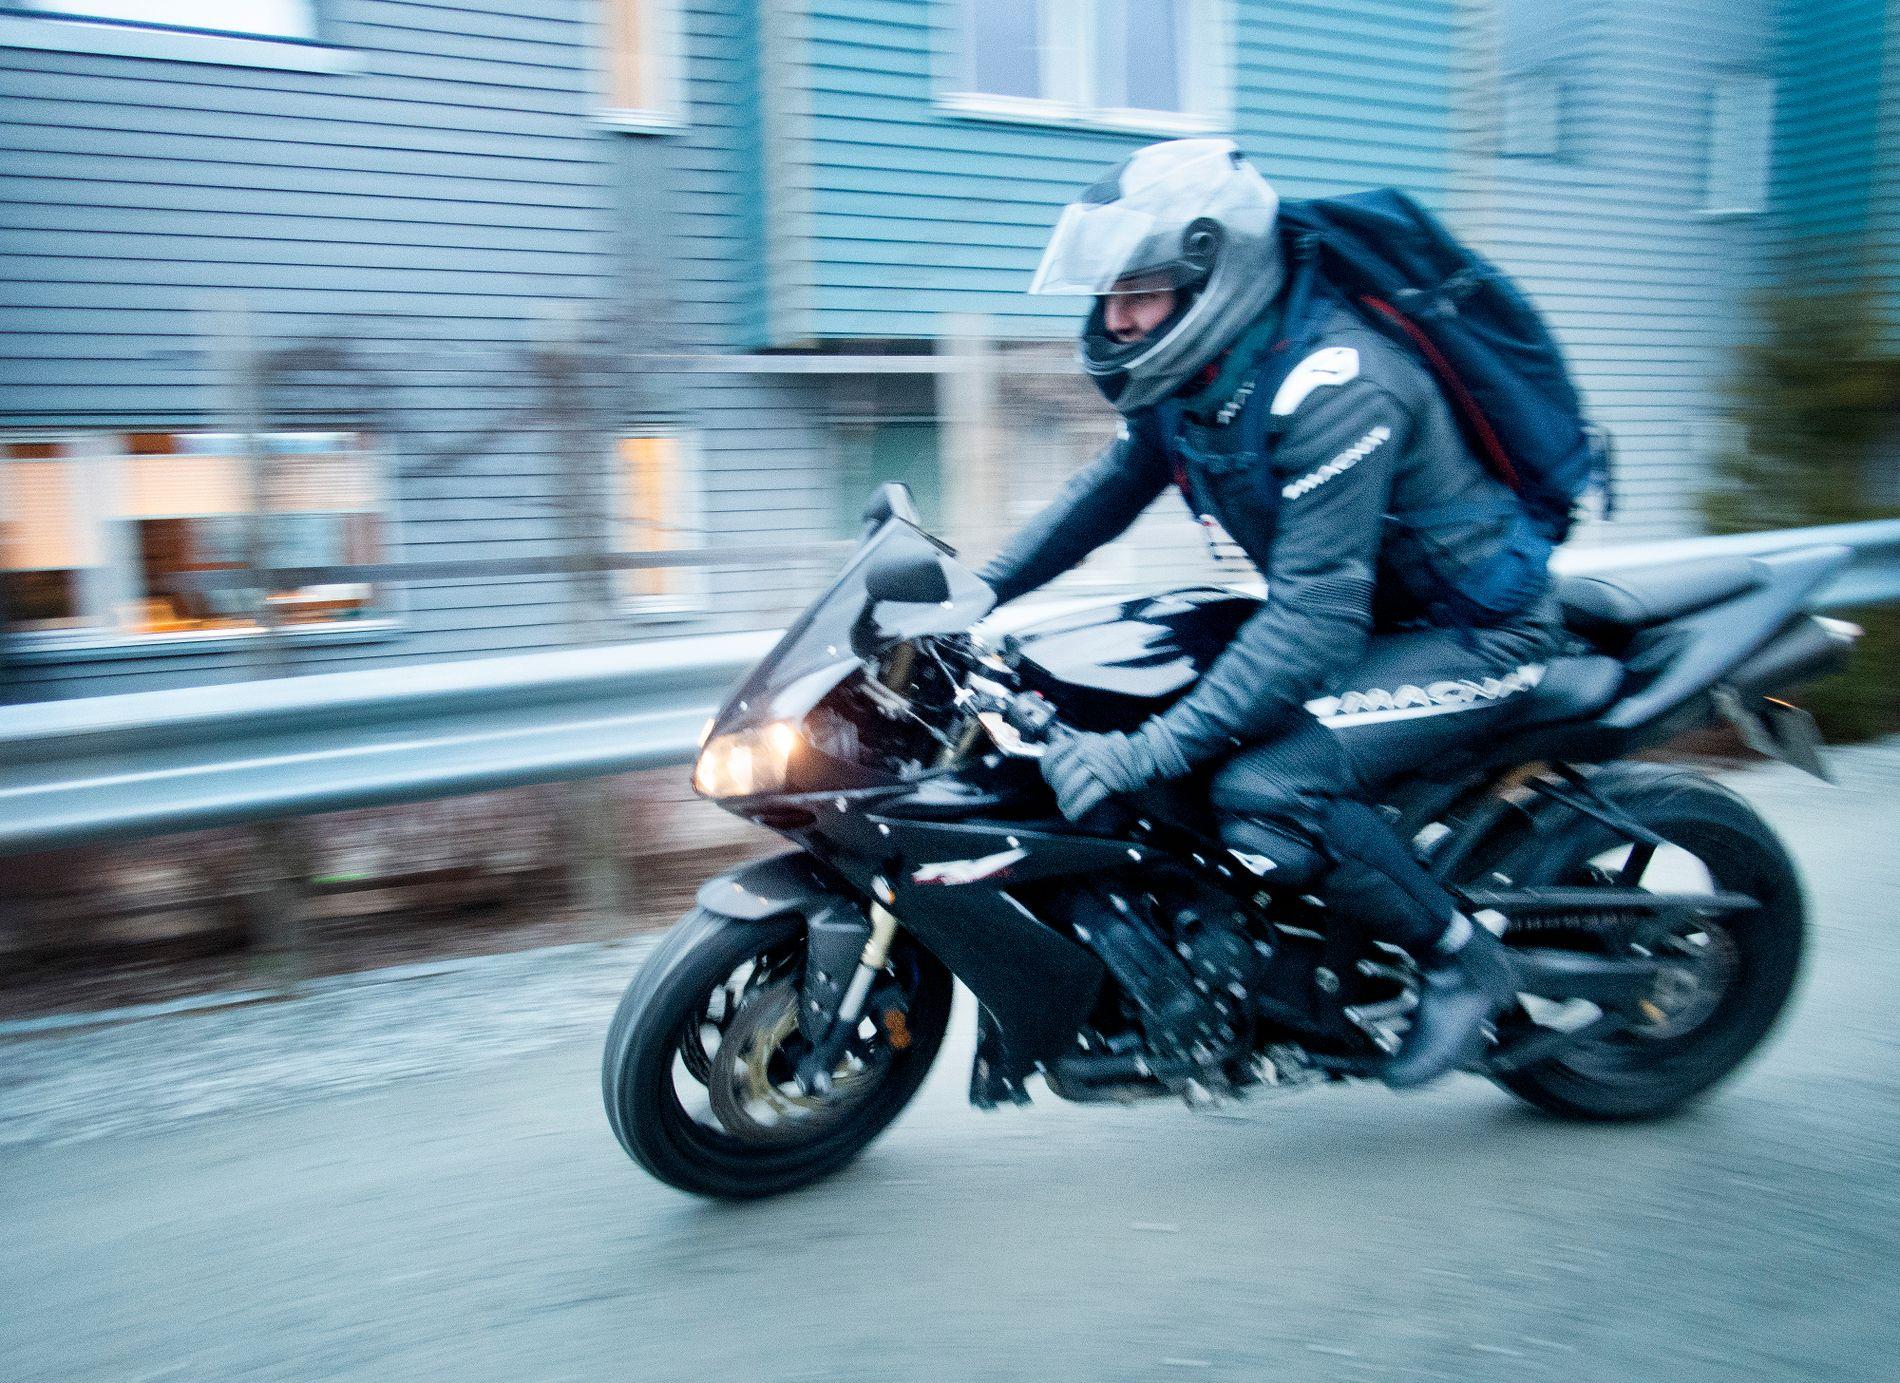 MOTORSYKLER: Det blir også billigere å importere motorsykler.